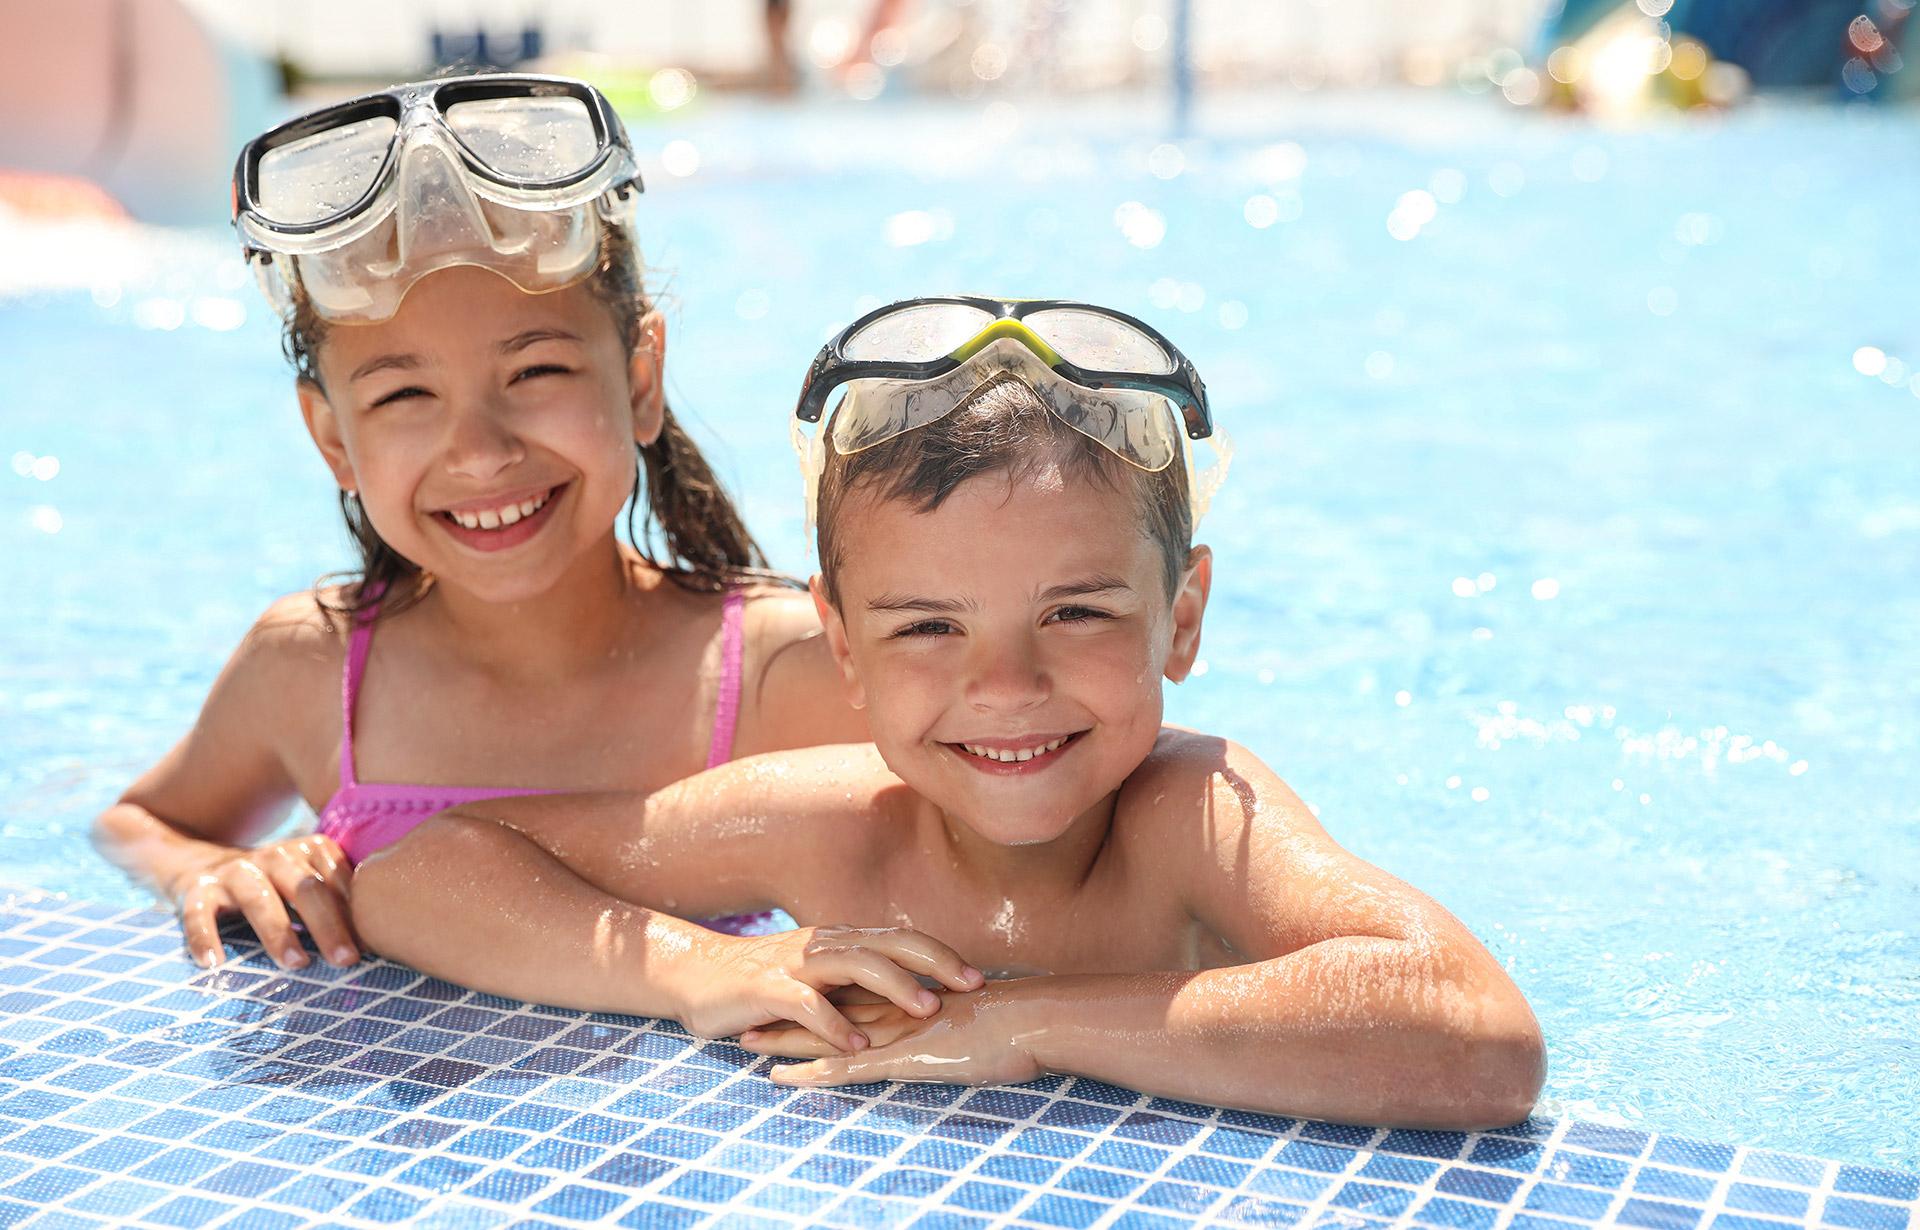 Duikbril of zwembril voor je kind?